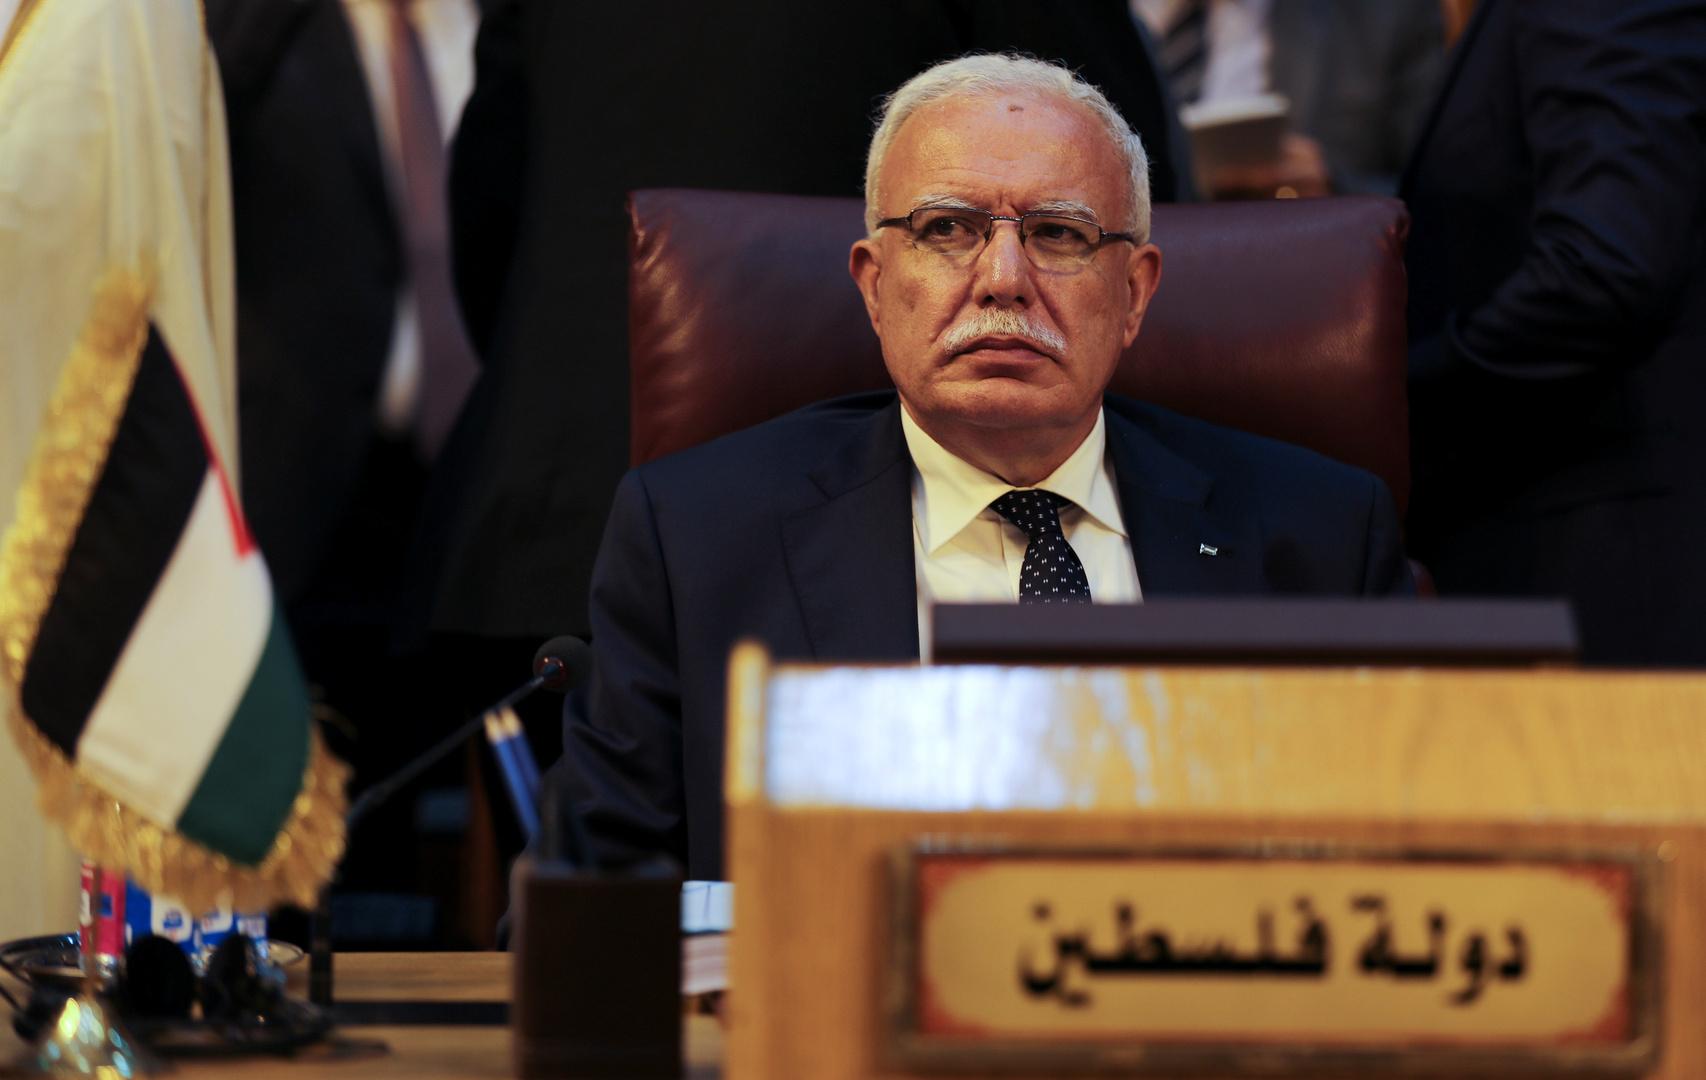 فلسطين: دعوة عباس لمؤتمر دولي محاولة أخيرة لإثبات التزامنا بالسلام